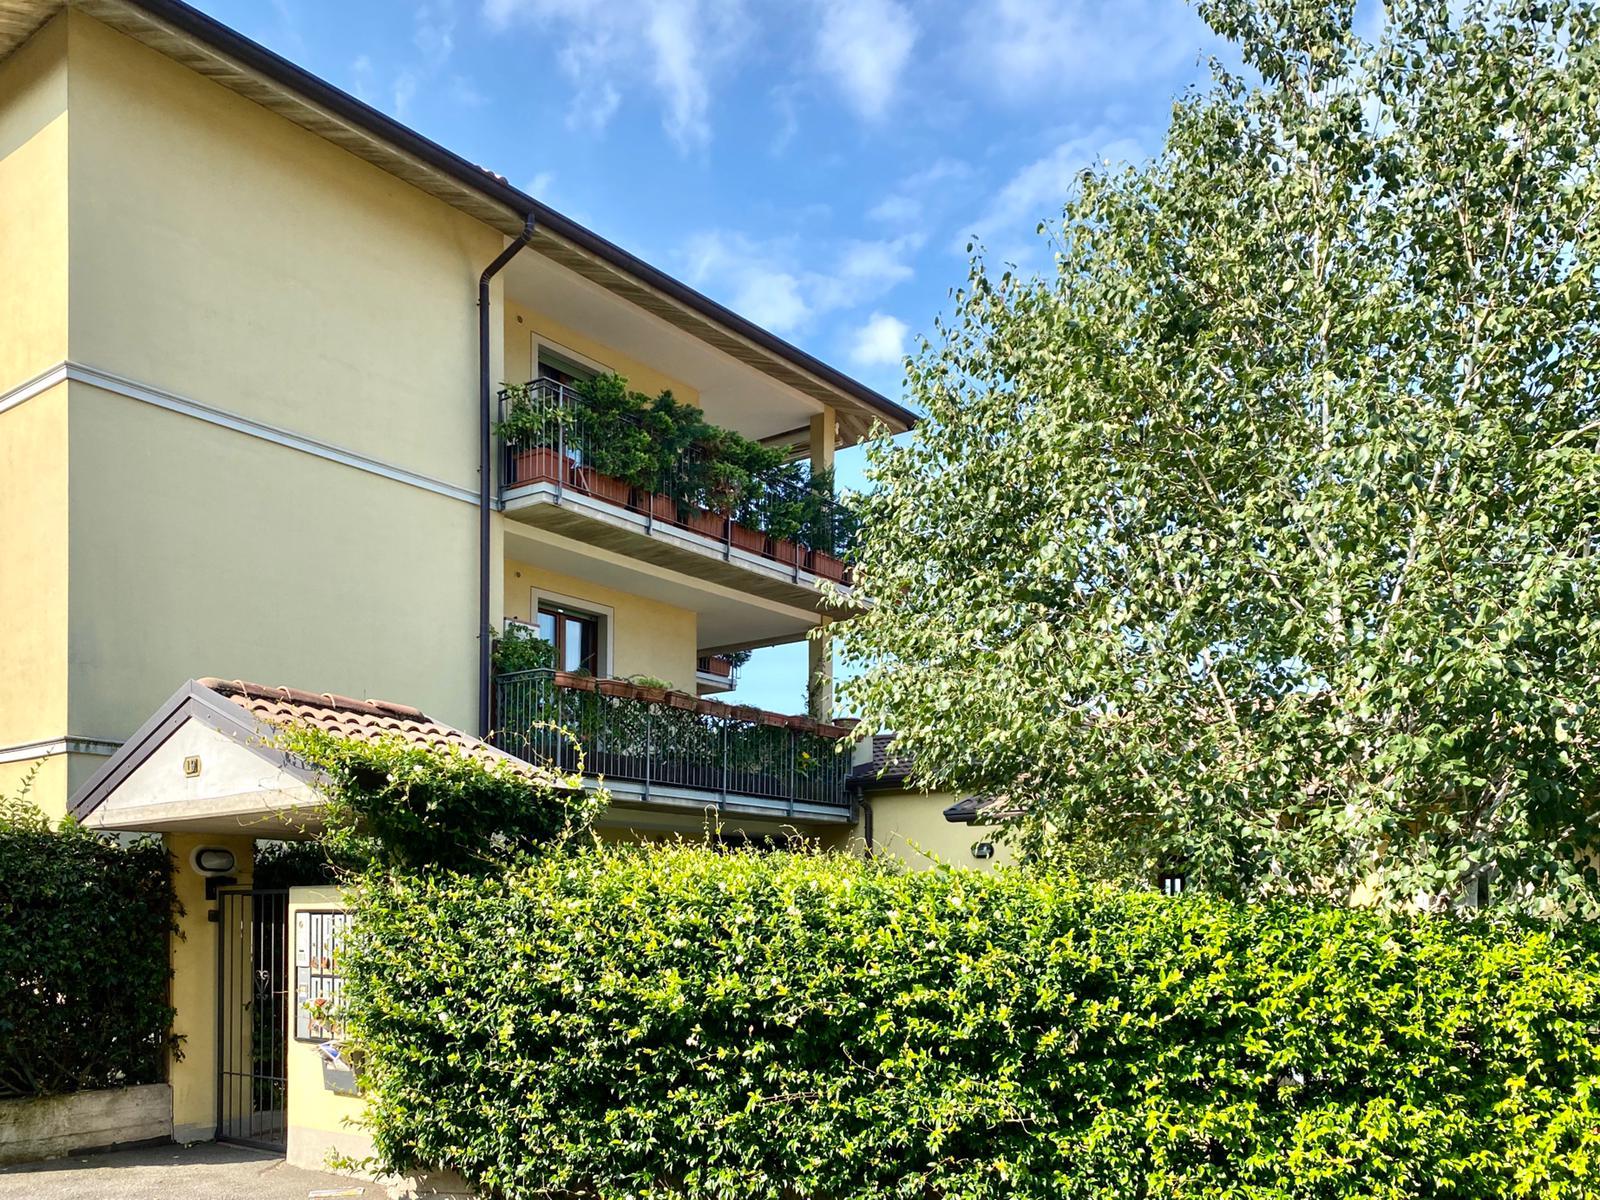 Bilocale panoramico con terrazza in vendita a San Fermo